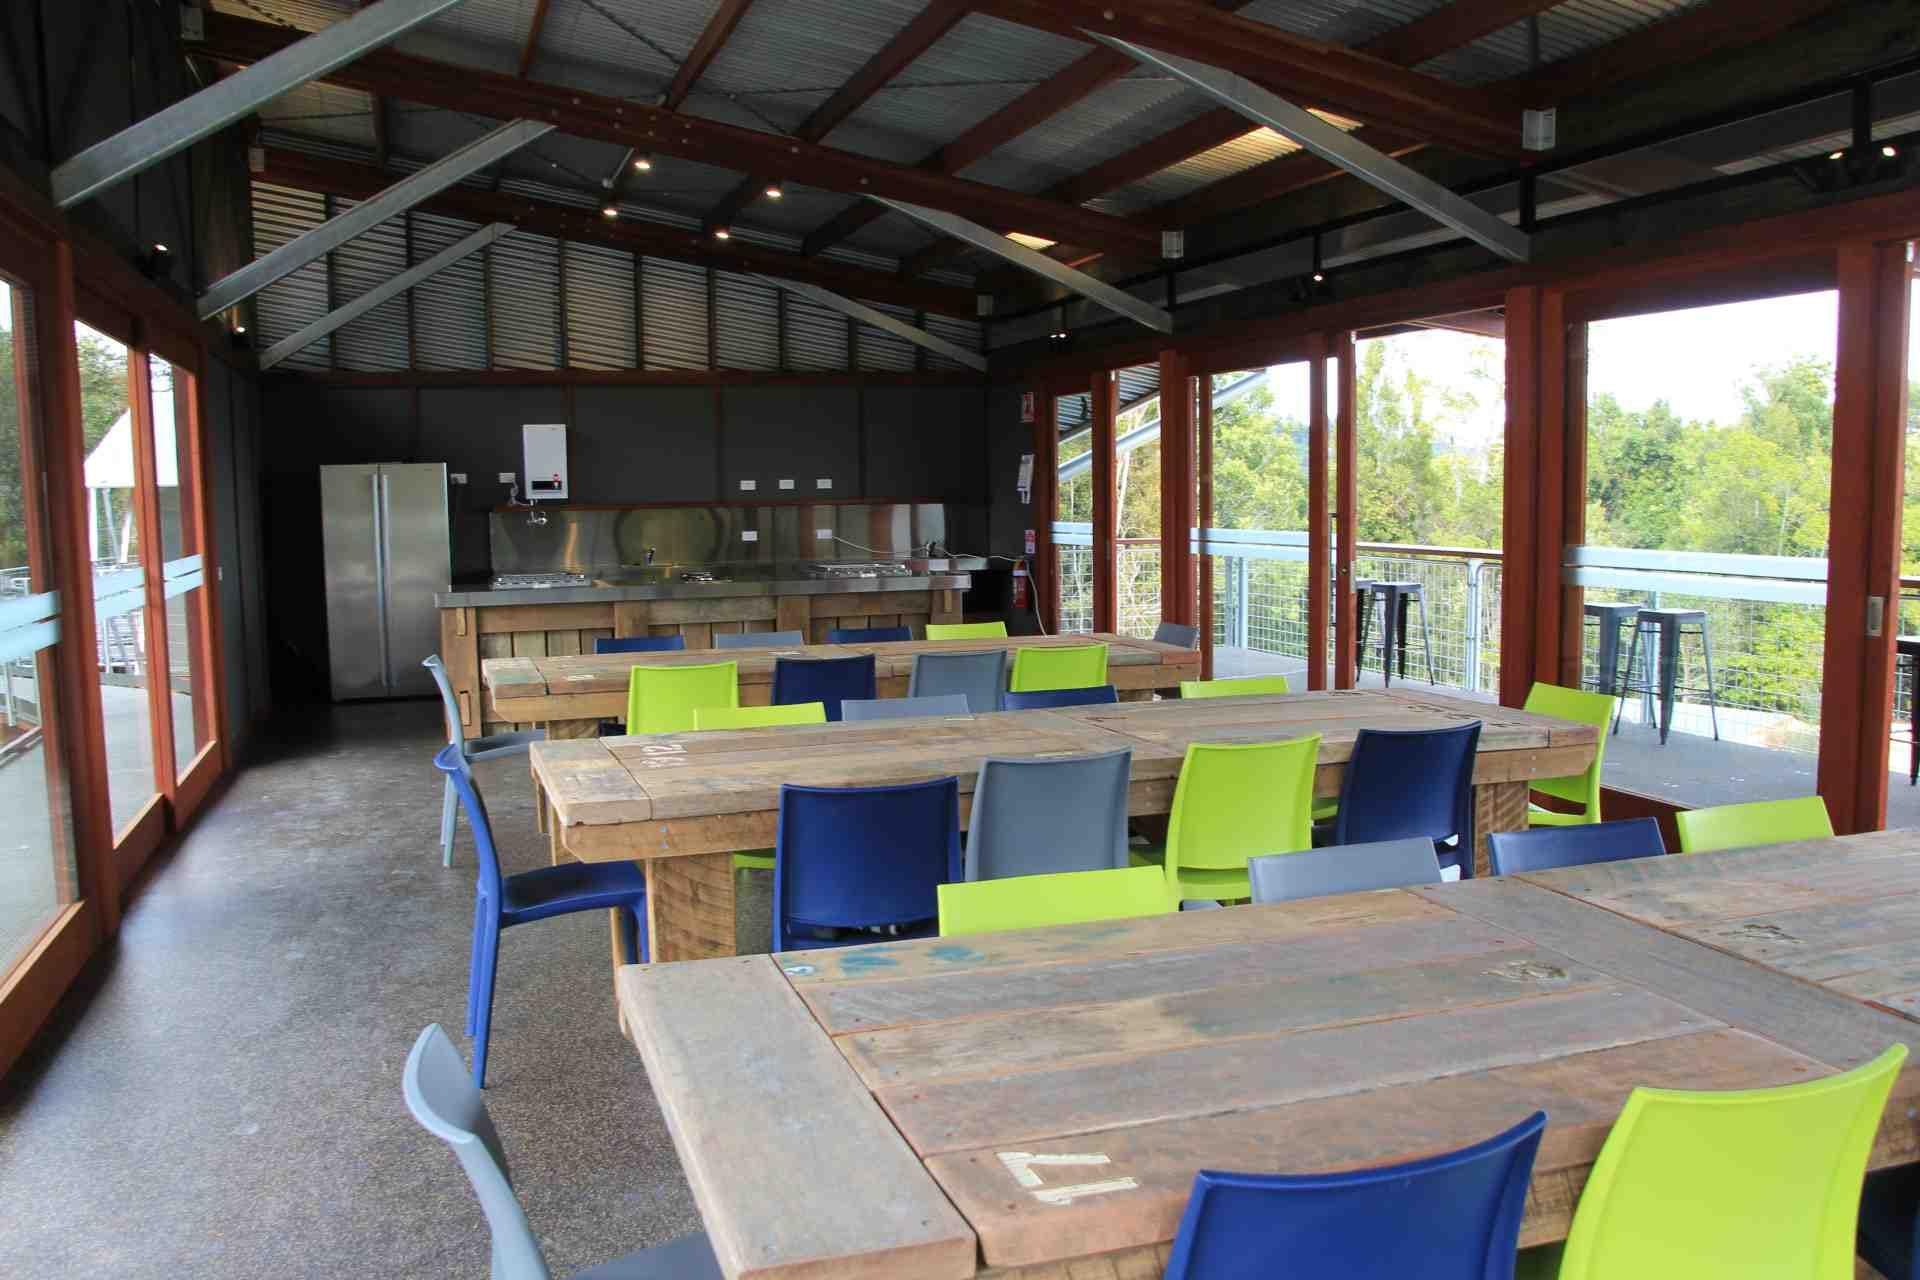 O'Reilly's Campground - Communal Kitchen